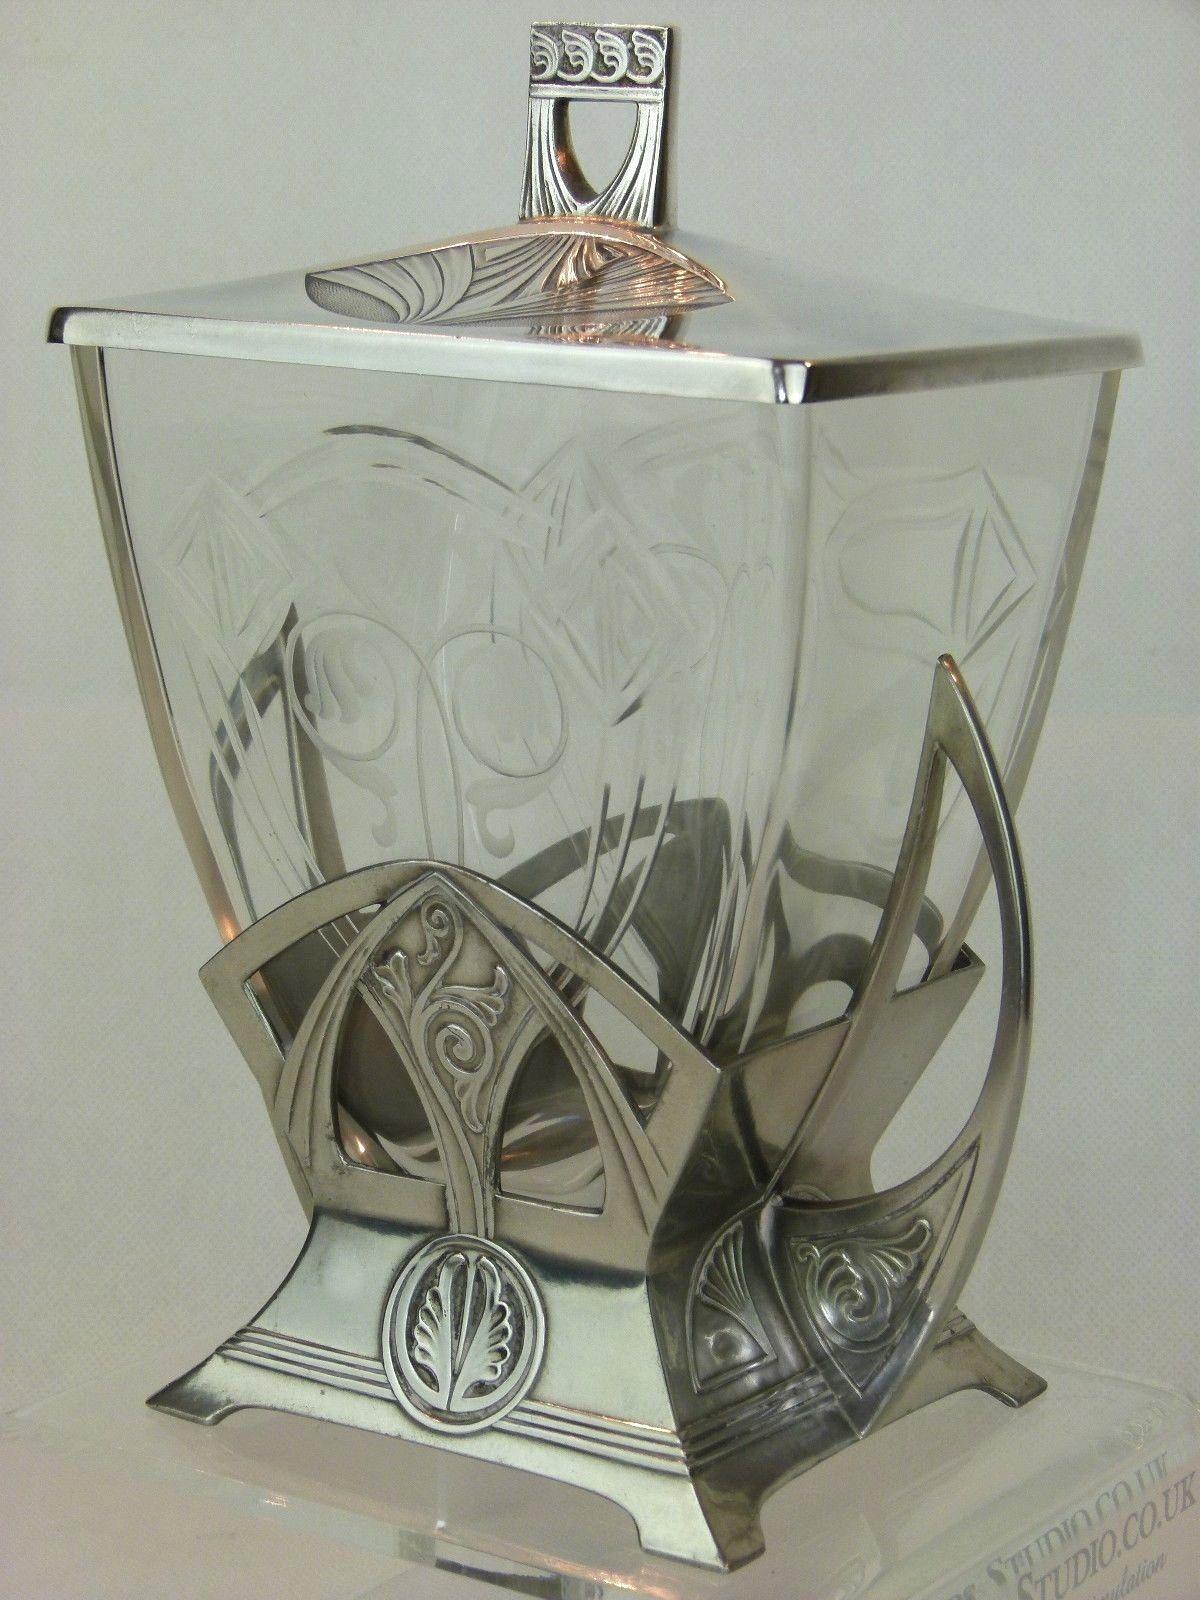 A Fabulous Art Nouveau Secessionist Silver Plated Biscuit Box By Wmf Ebay Art Nouveau Interior Art Nouveau Furniture Art Nouveau